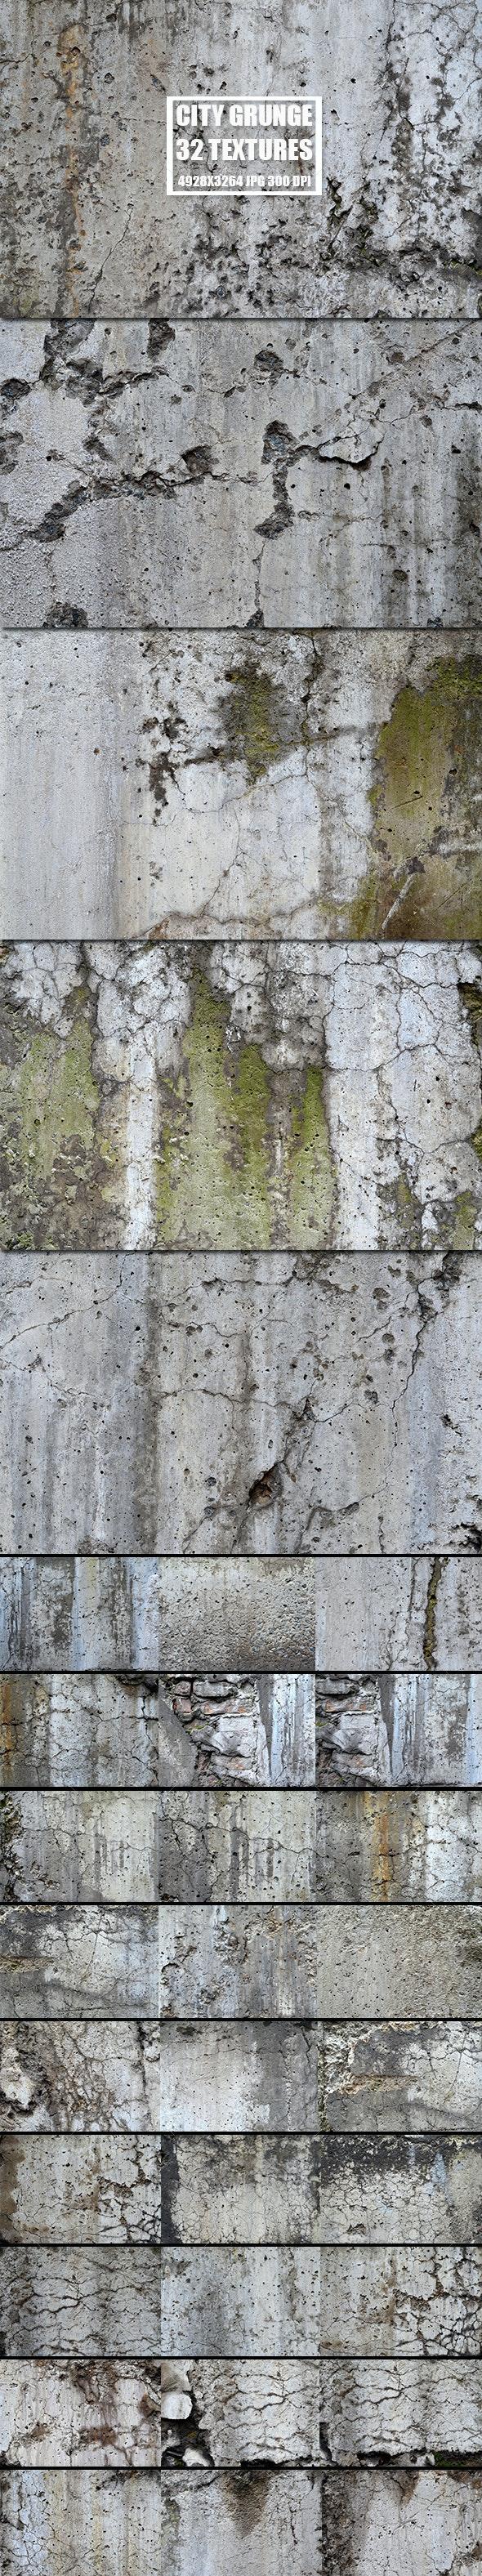 City Grunge 2 - Industrial / Grunge Textures